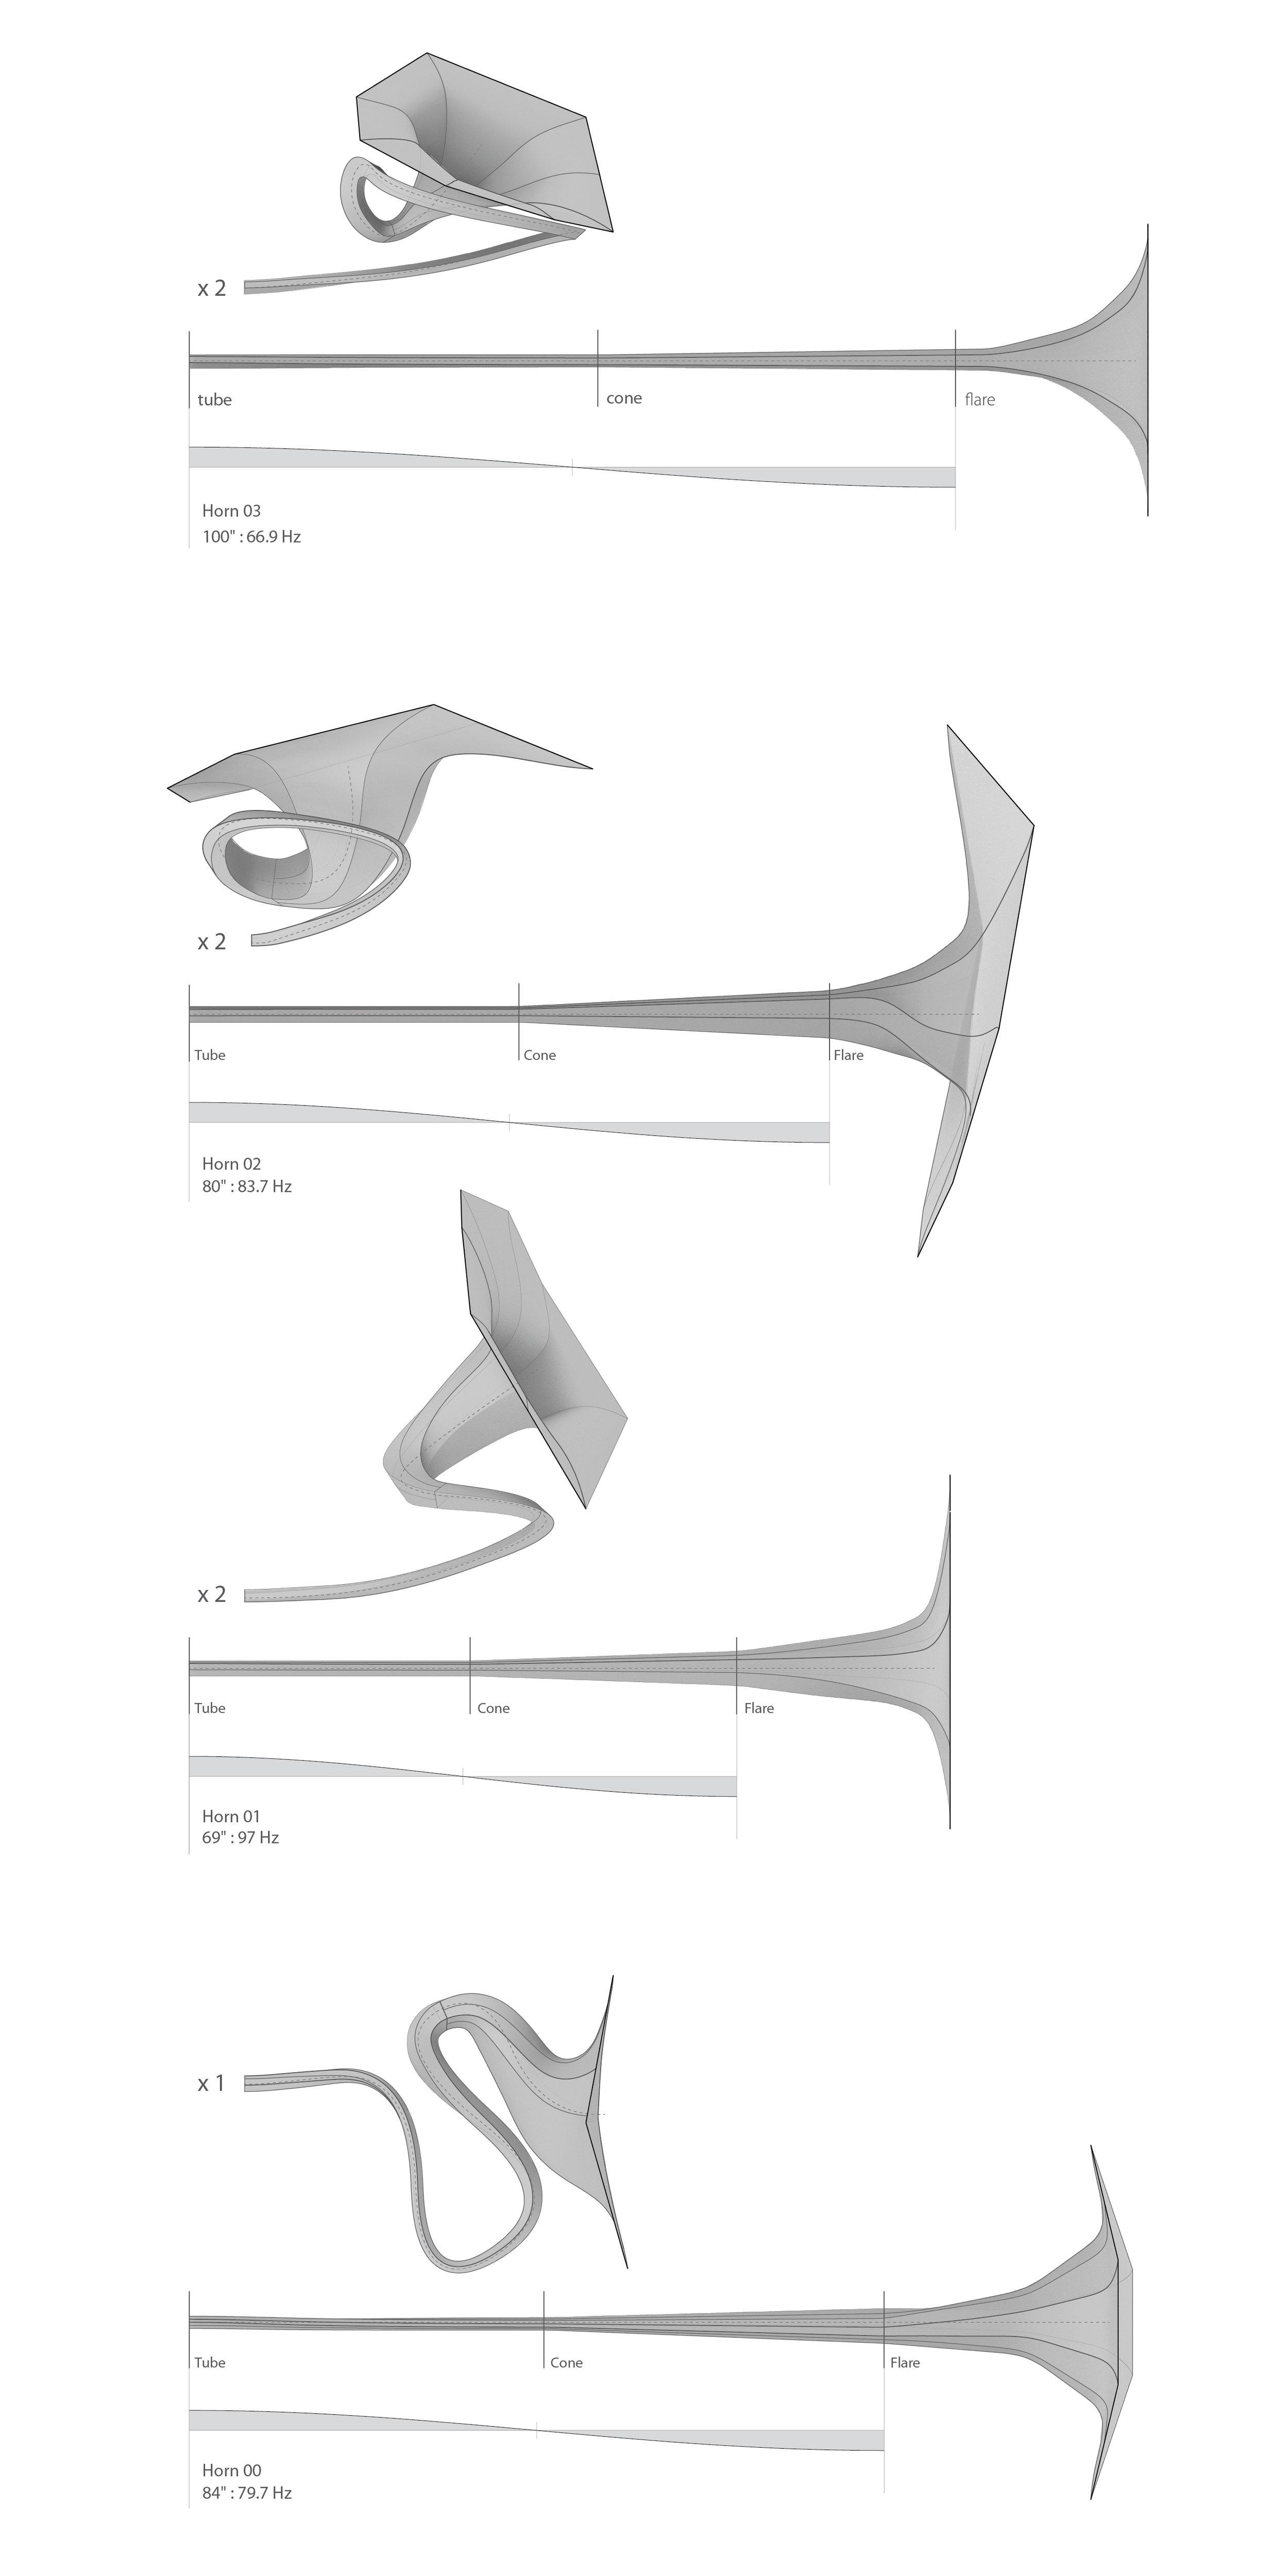 horn lengths and wavelength_LT-01.jpg